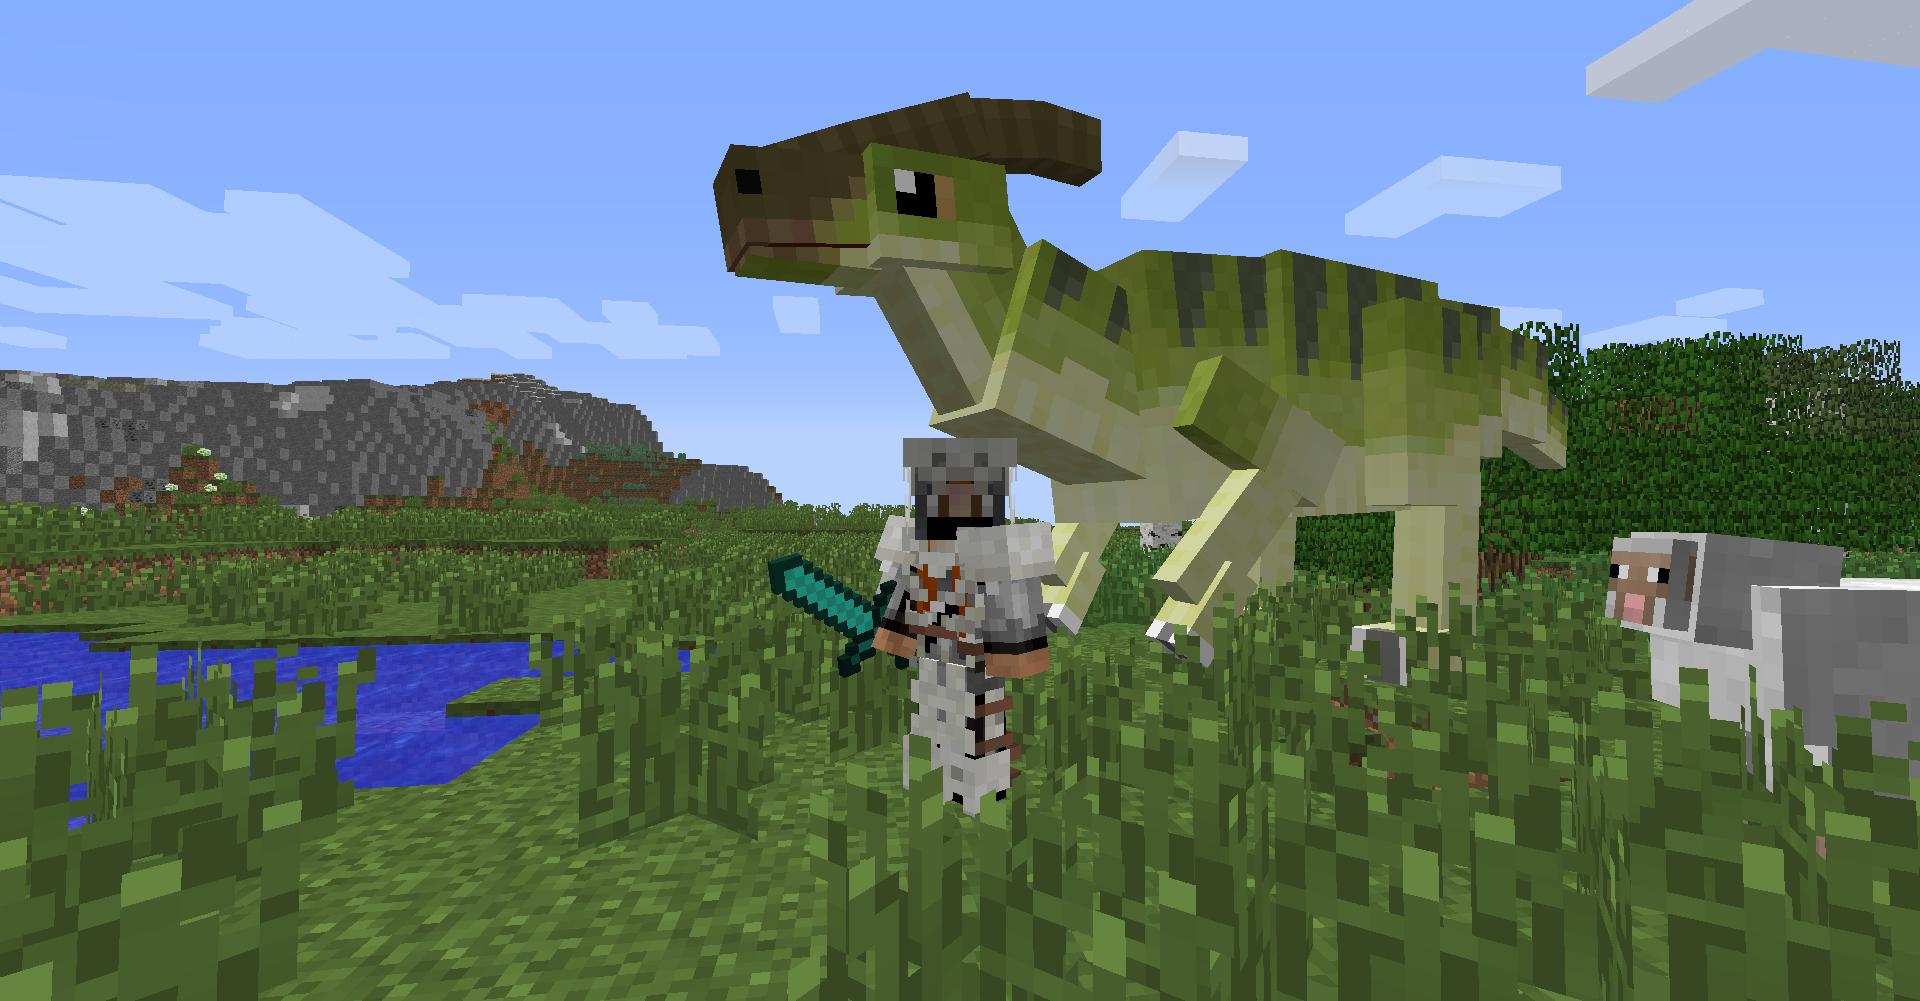 мод на динозавров в майнкрафт 1.7.2